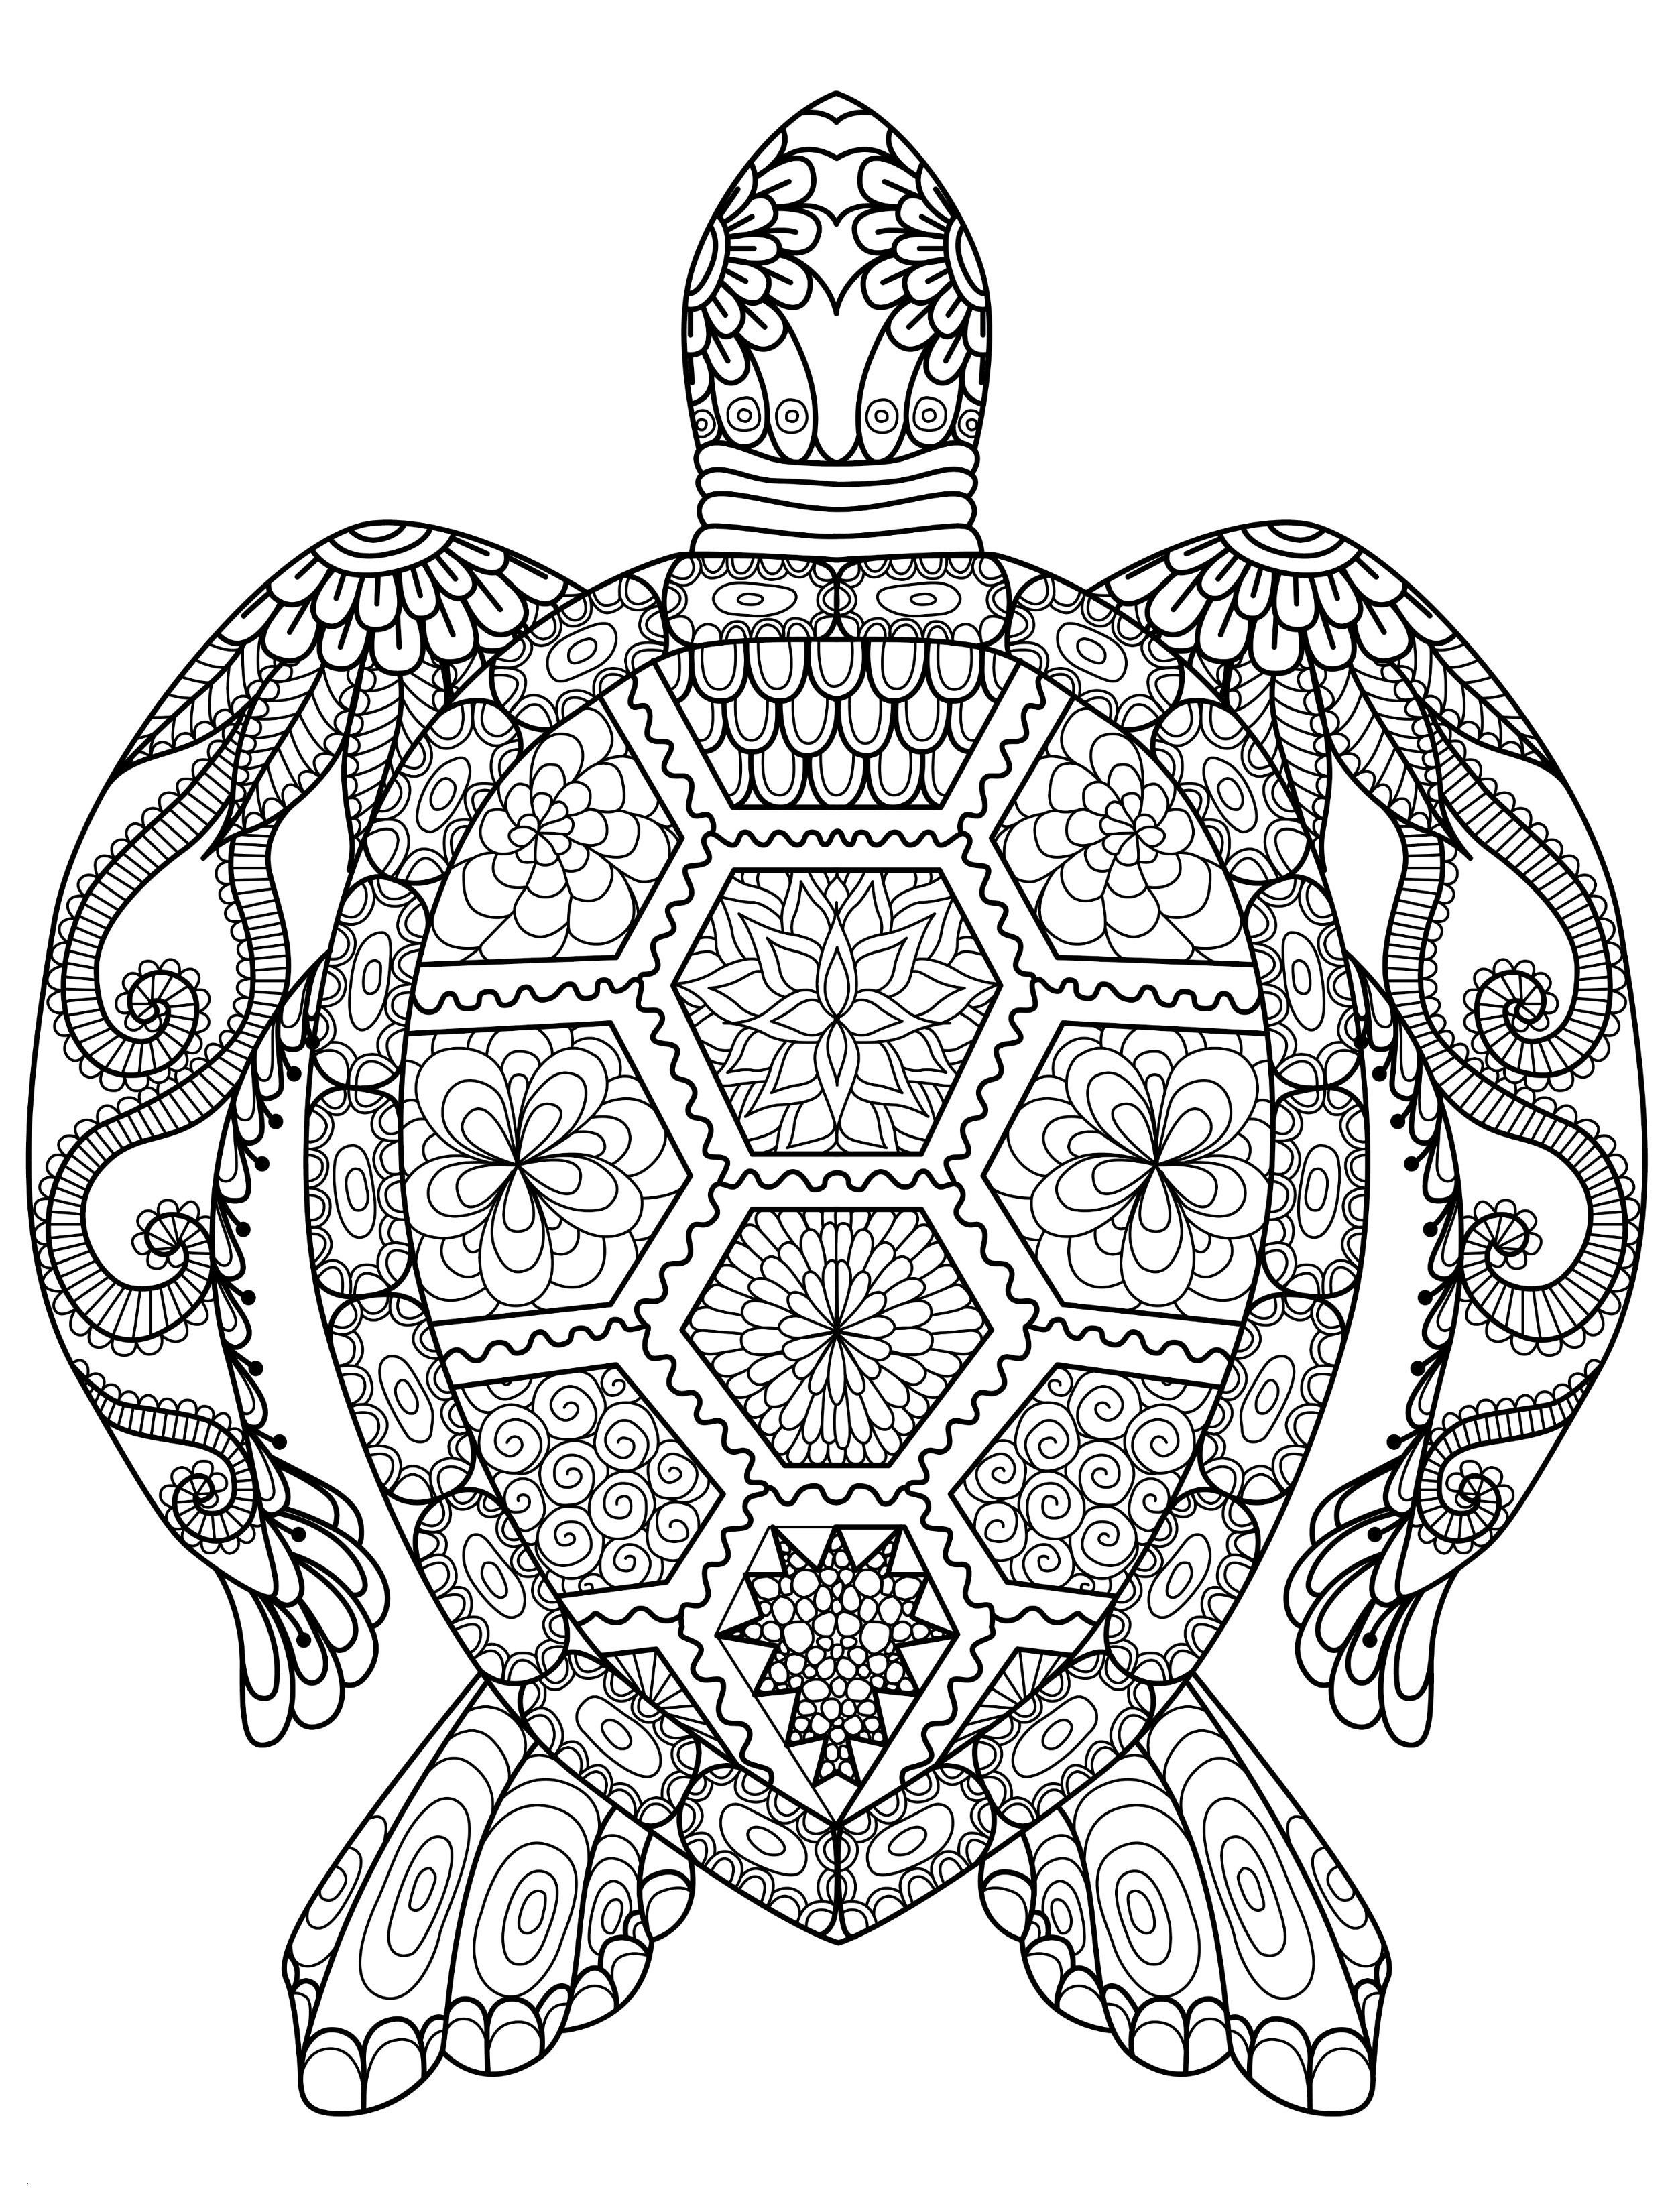 Ausmalbilder Paw Patrol Einzigartig Ausmalbilder Für Erwachsene Seeschildkröte Ausmalbilder Von Das Bild